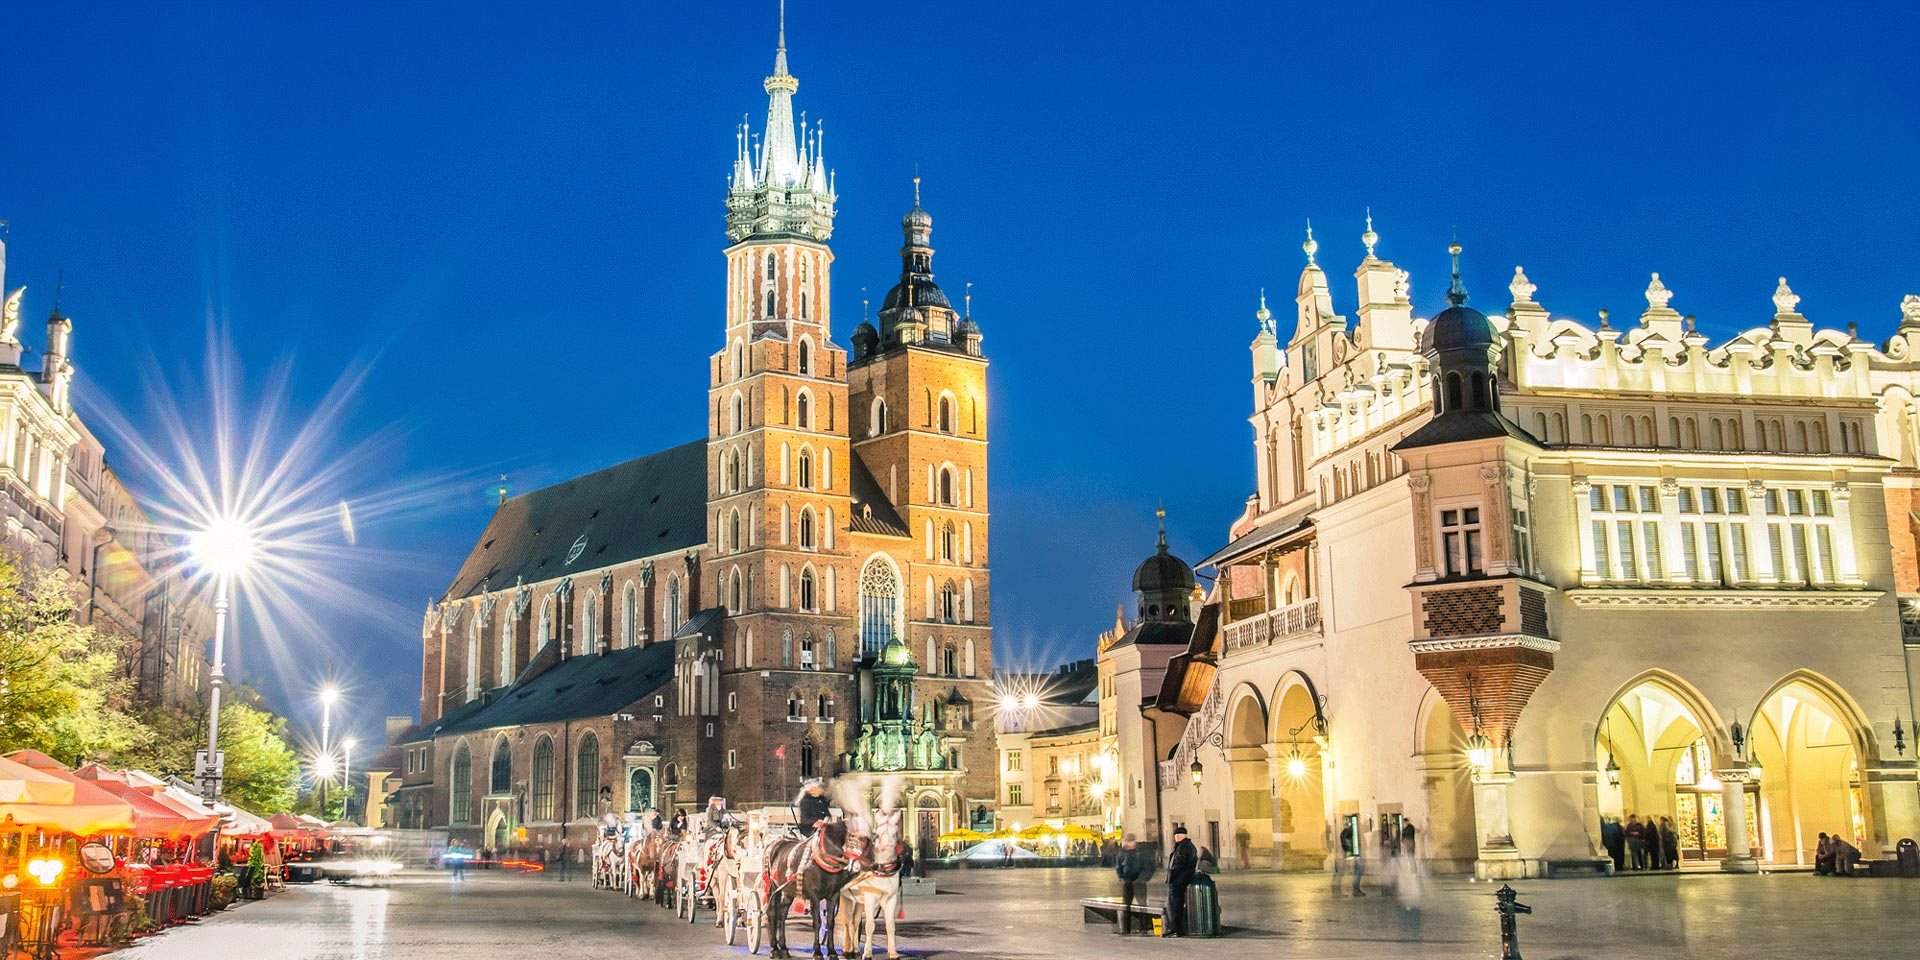 Автобусный тур в Польшу на Новый год 2018-2019 без ночных переездов Новый год 2019 в сердце Кракова